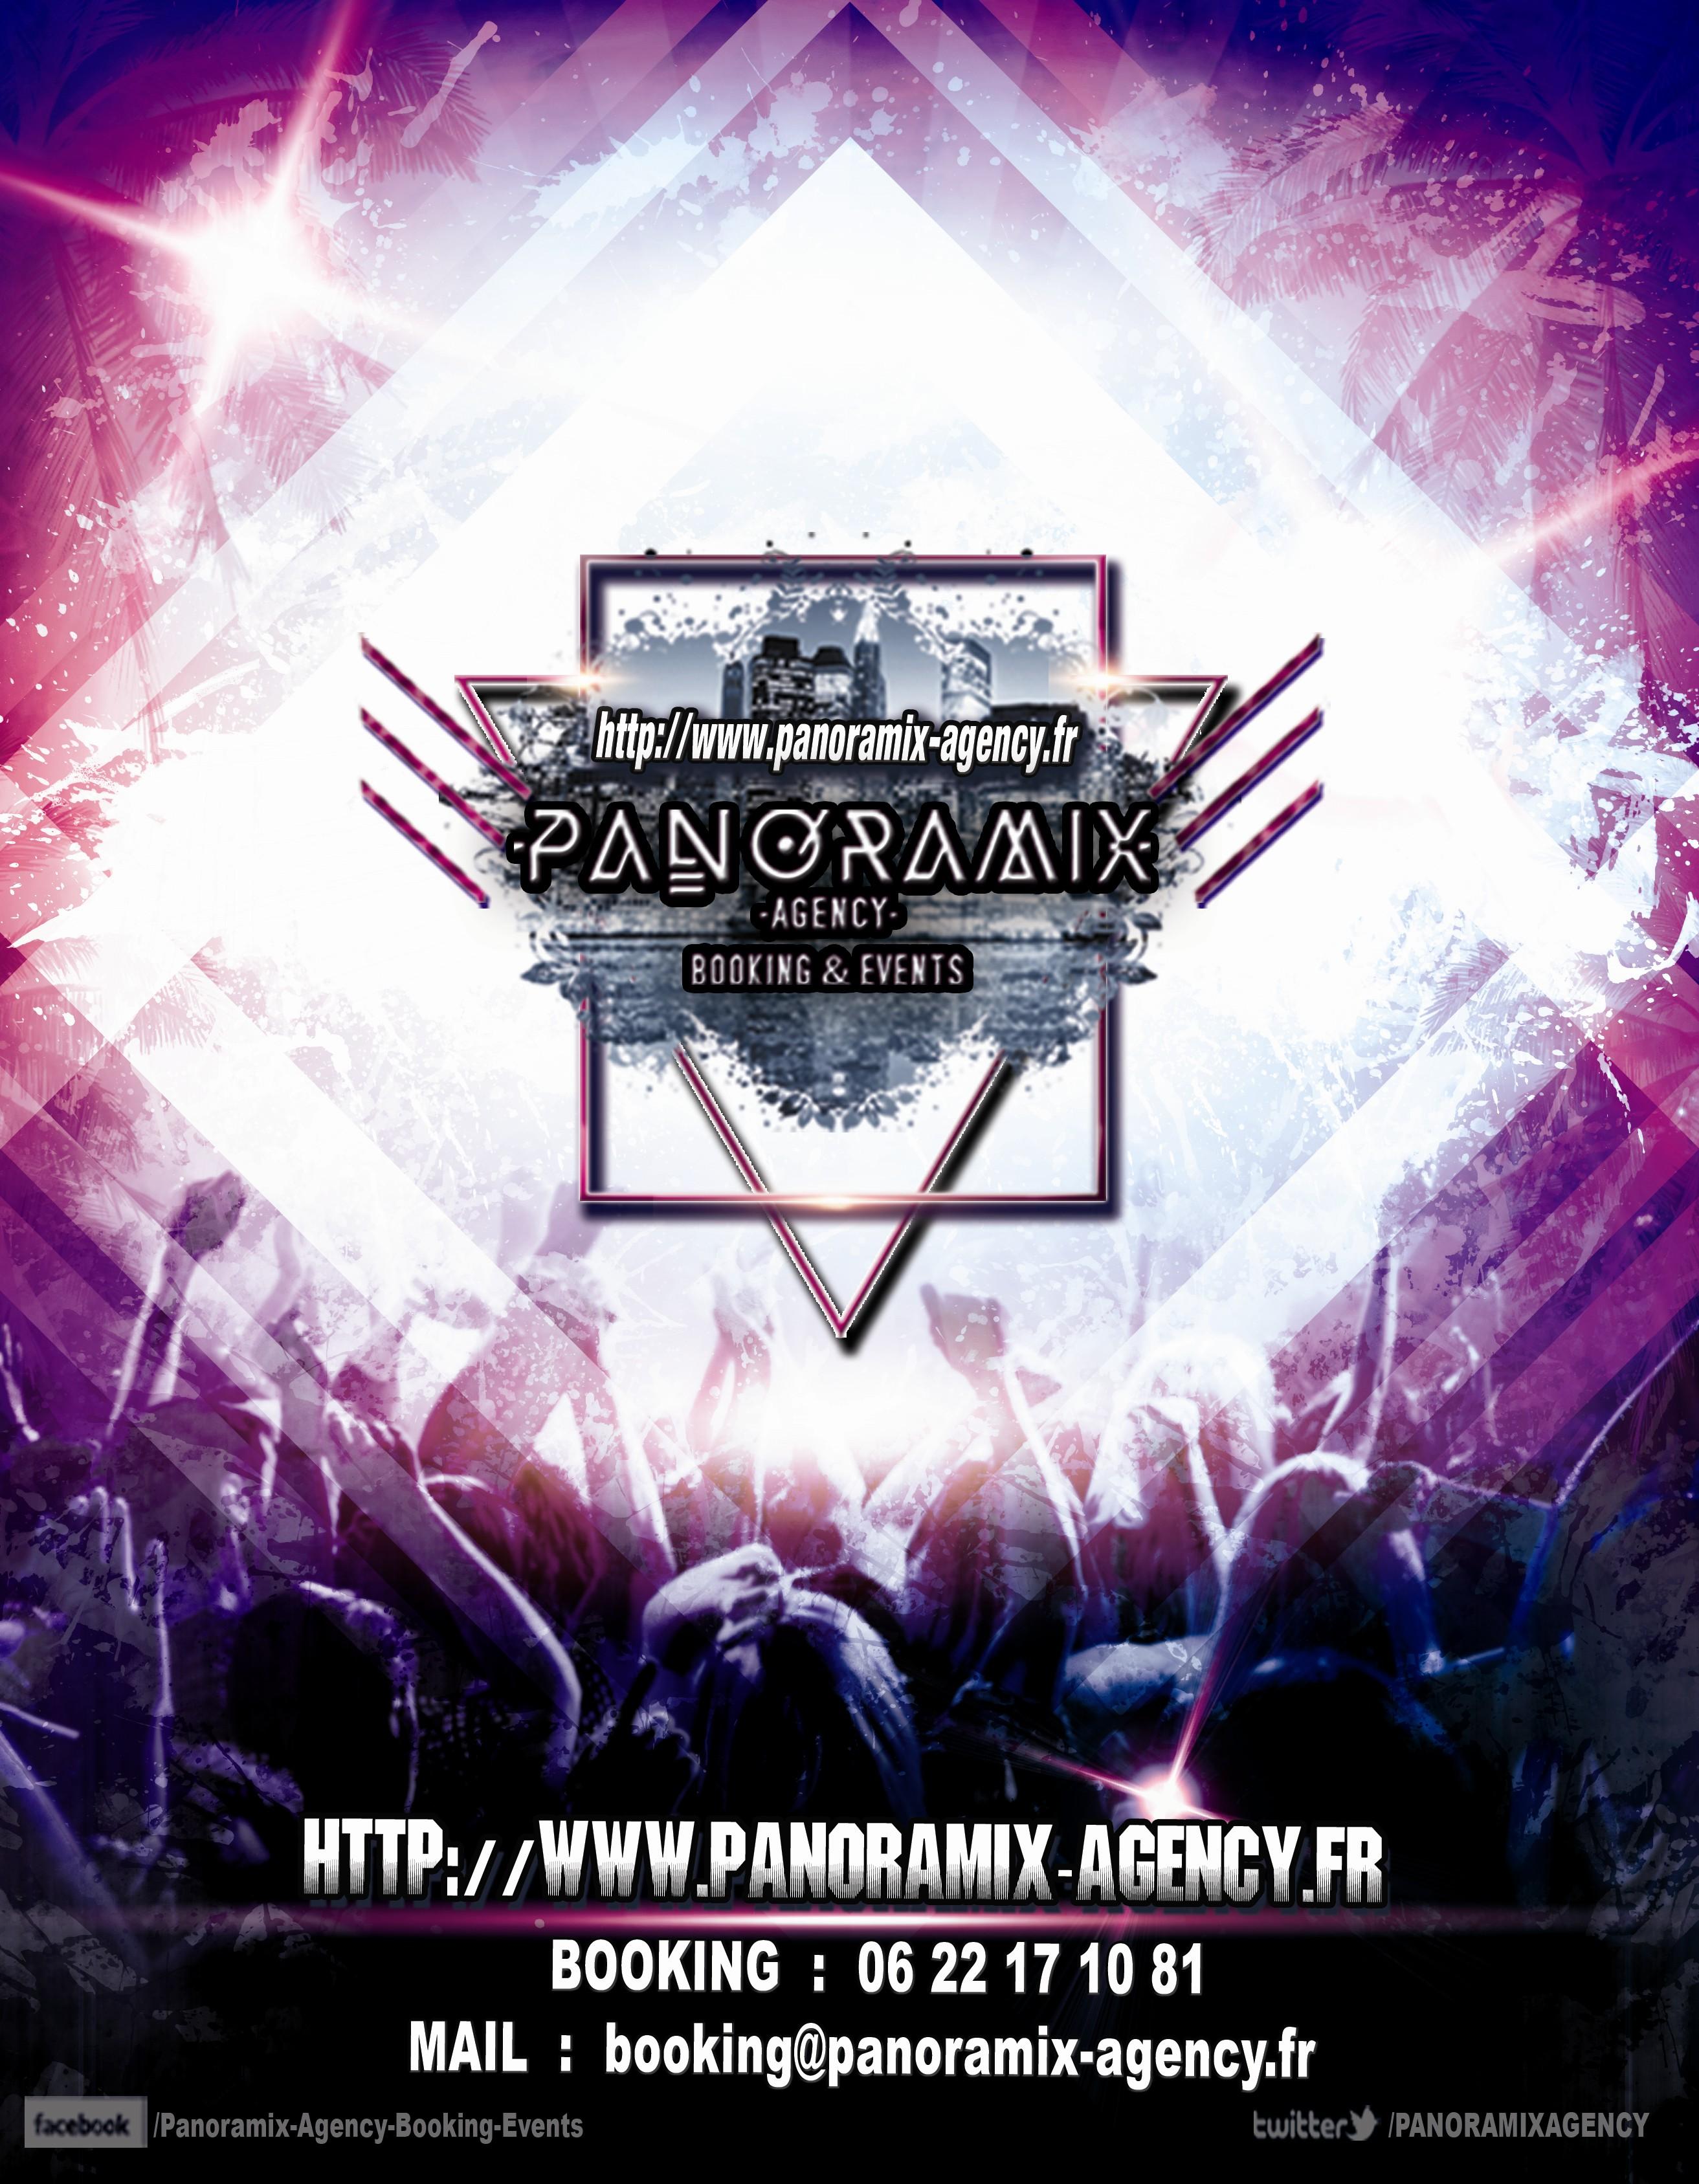 https://panoramix-radio-station.com/wp-content/uploads/2017/06/FLY-PANORAMIX-.jpg